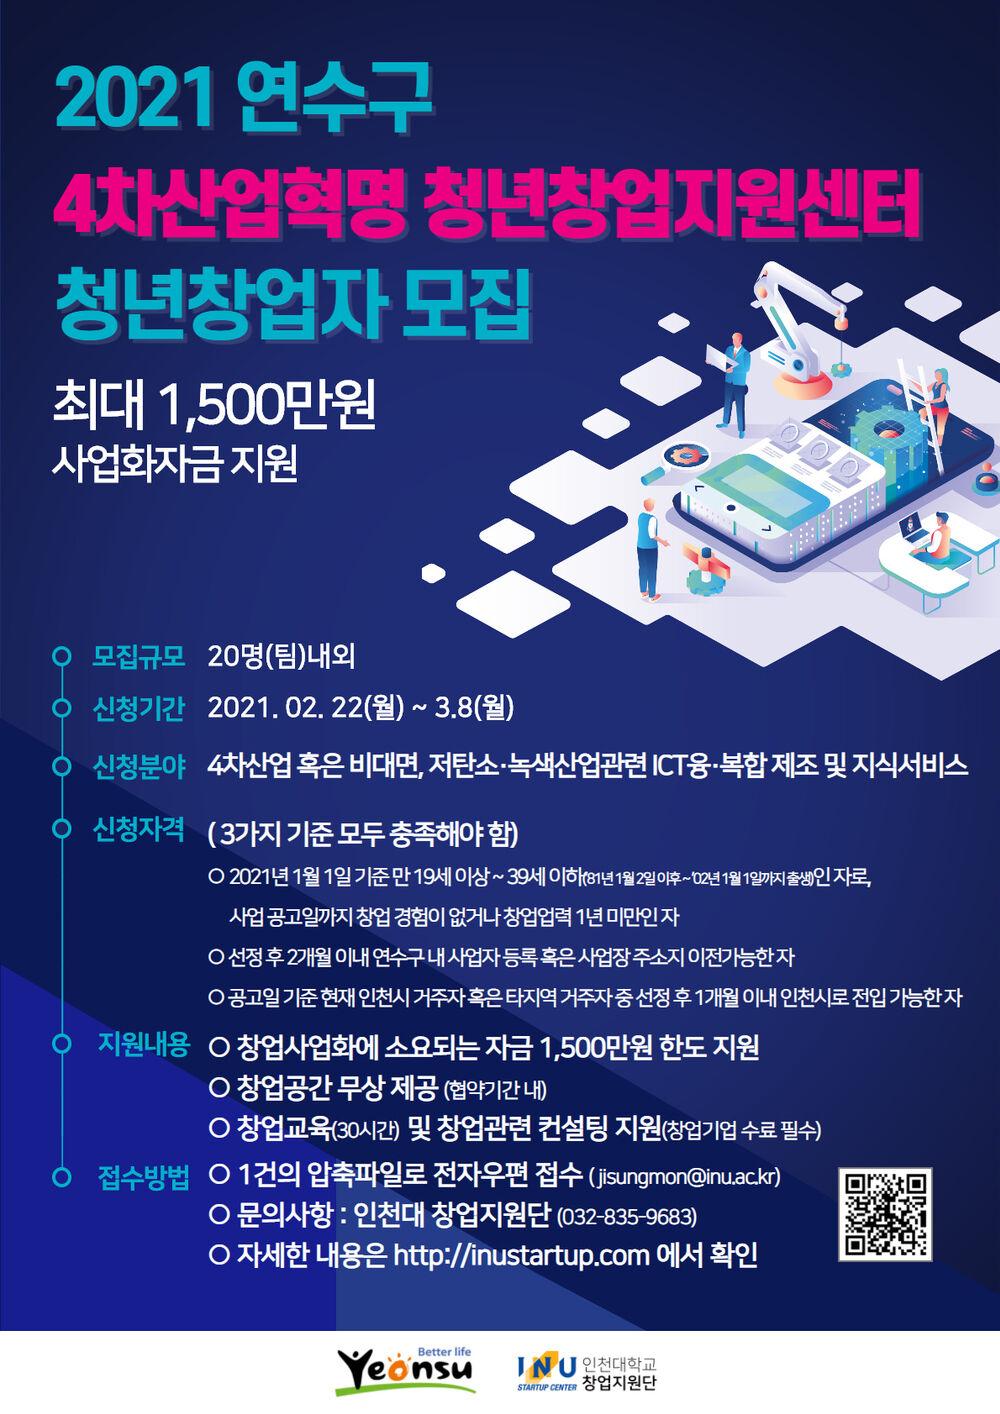 2021년 연수구 4차산업혁명 청년창업지원센터 모집 포스터.jpg